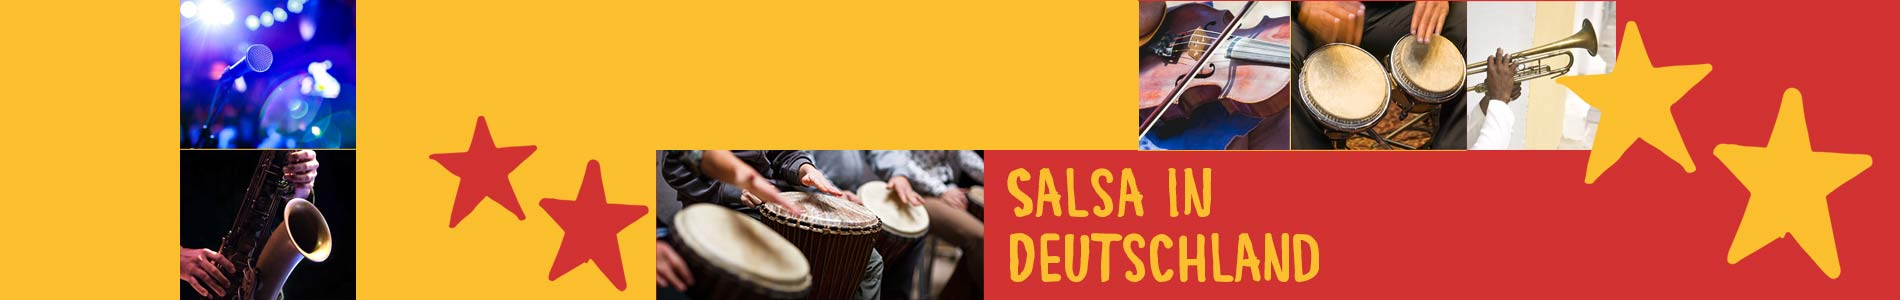 Salsa in Burgstetten – Salsa lernen und tanzen, Tanzkurse, Partys, Veranstaltungen